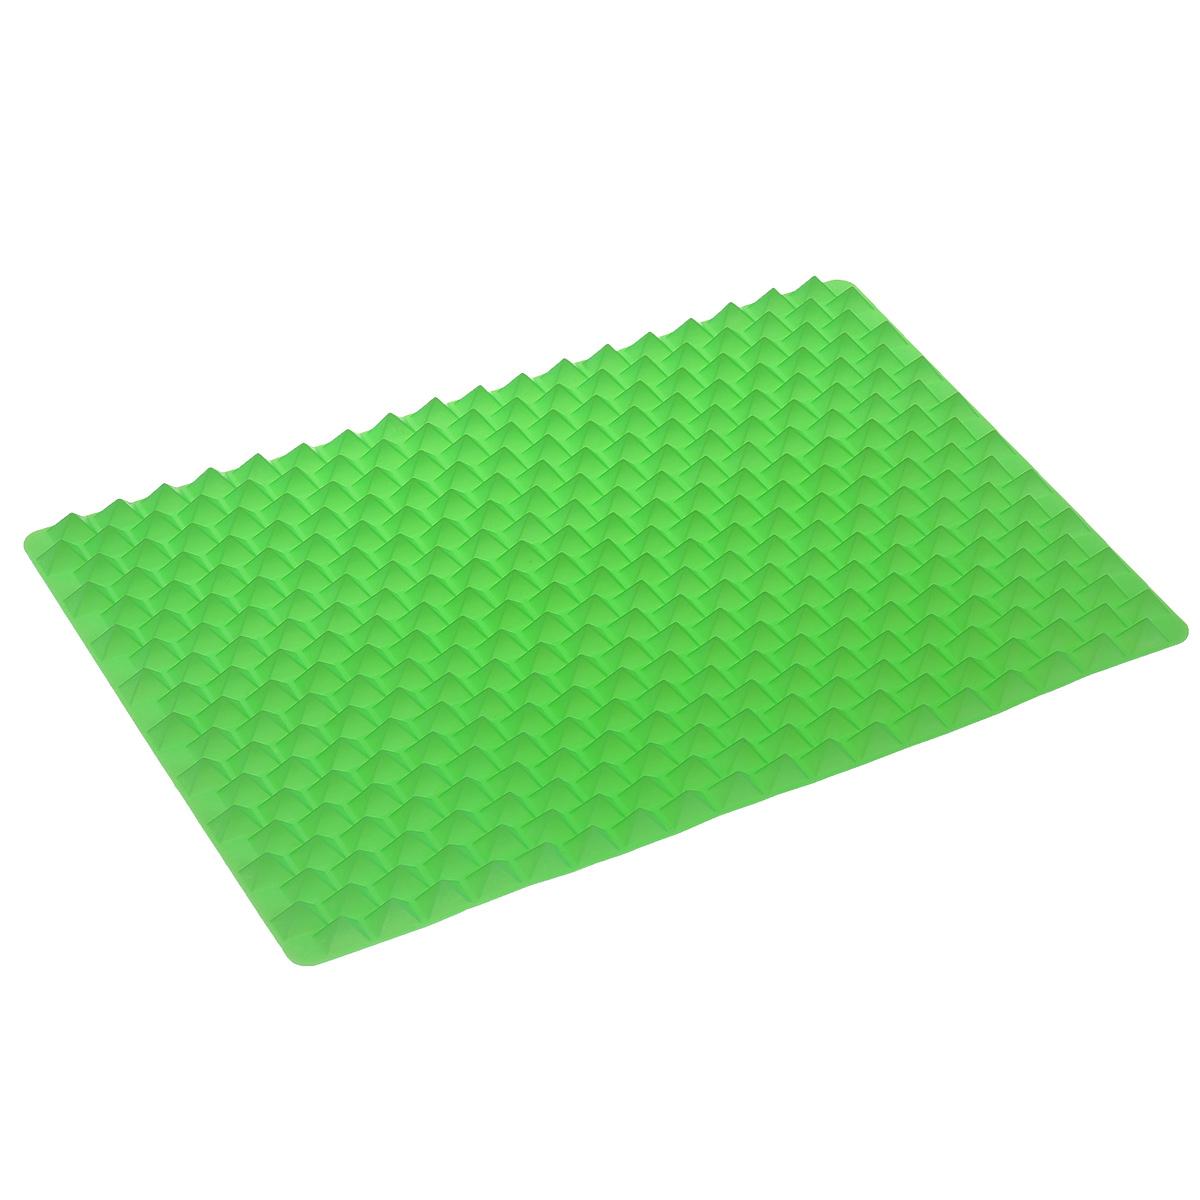 Силиконовый коврик для приготовления пищи Bradex, цвет: зеленый, 40 см х 27 смTK 0101Силиконовый коврик для приготовления пищи Bradex - это новейшая разработка в области кулинарии, которая значительно облегчает ежедневный процесс приготовления пищи, одновременно делая еду более здоровой. Коврик изготовлен из качественного 100% пищевого силикона, который не допускает пригорание пищи и легко моется; выдерживает температуру до +220°С. Уникальная конструкция силиконового коврика позволяет воздуху циркулировать под и вокруг пищи; продукты не входят в контакт с основание коврика, из них выходит избыточный жир, а блюдо приобретает хрустящую корочку и получается необычайно вкусным даже без жарки. Более того, использование силиконового коврика избавляет вас от необходимости постоянно переворачивать приготавливаемую пищу. Наслаждайтесь равномерно приготовленными продуктами с хрустящей корочкой, вне зависимости от того в панировке они или без нее, абсолютно без добавления масла и жира. Коврик идеально подходит для приготовления куриных грудок, рыбных палочек,...